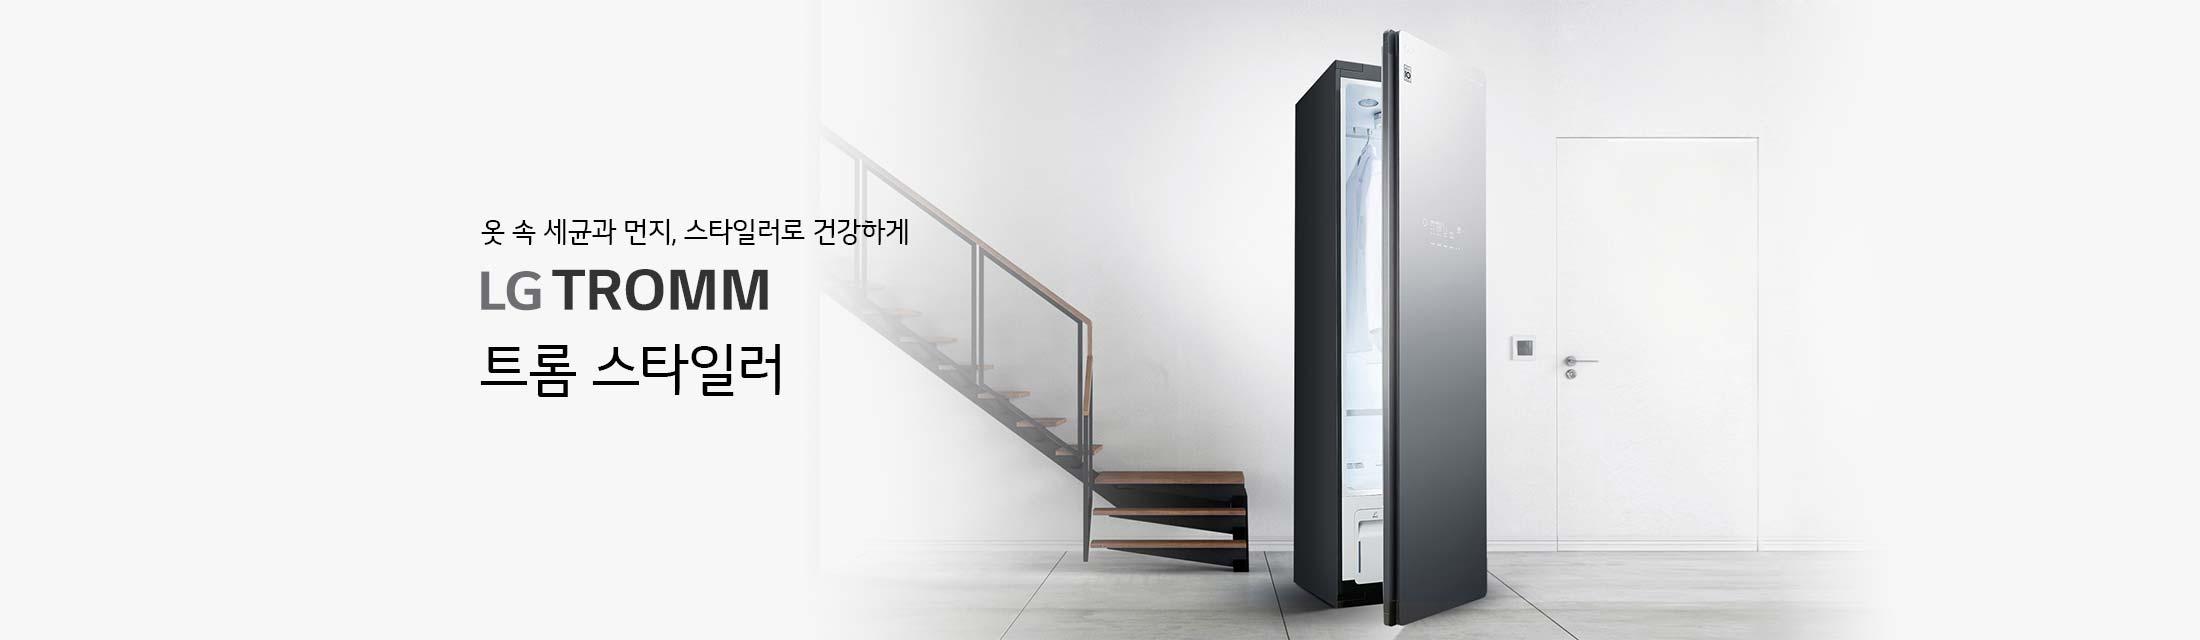 LG 트롬 스타일러 최대 6개월 무료